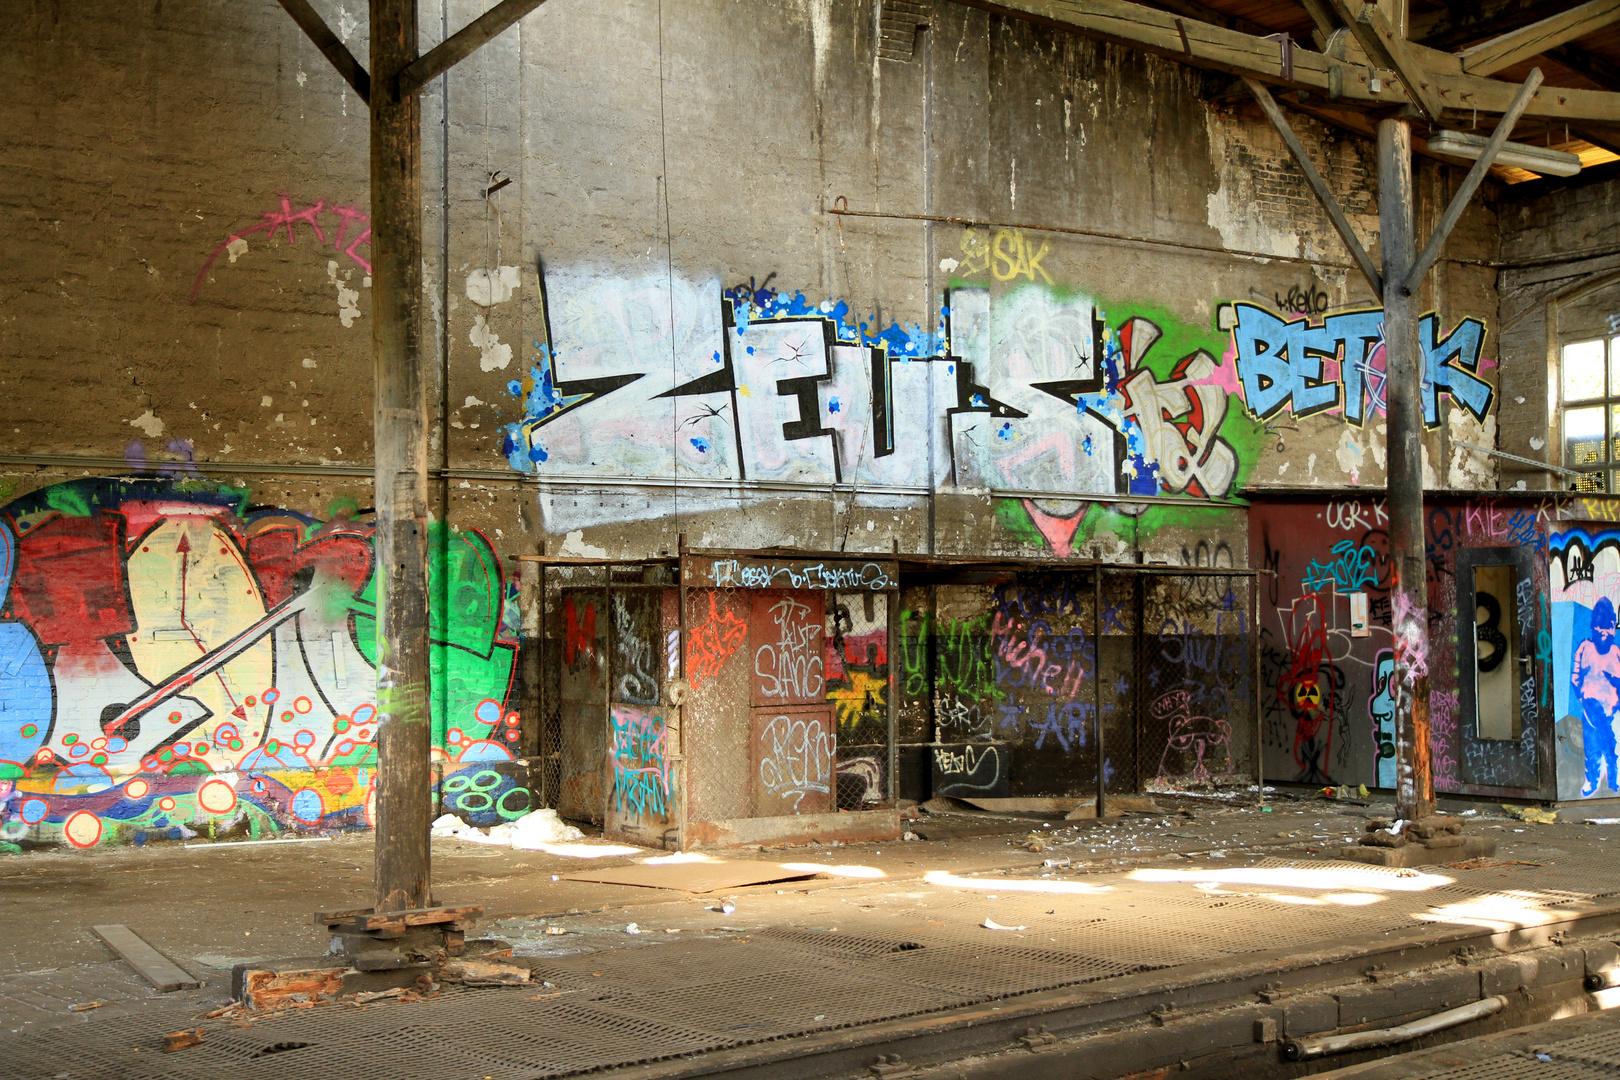 Verlassenes Bahnhofsgelände Graffiti 7